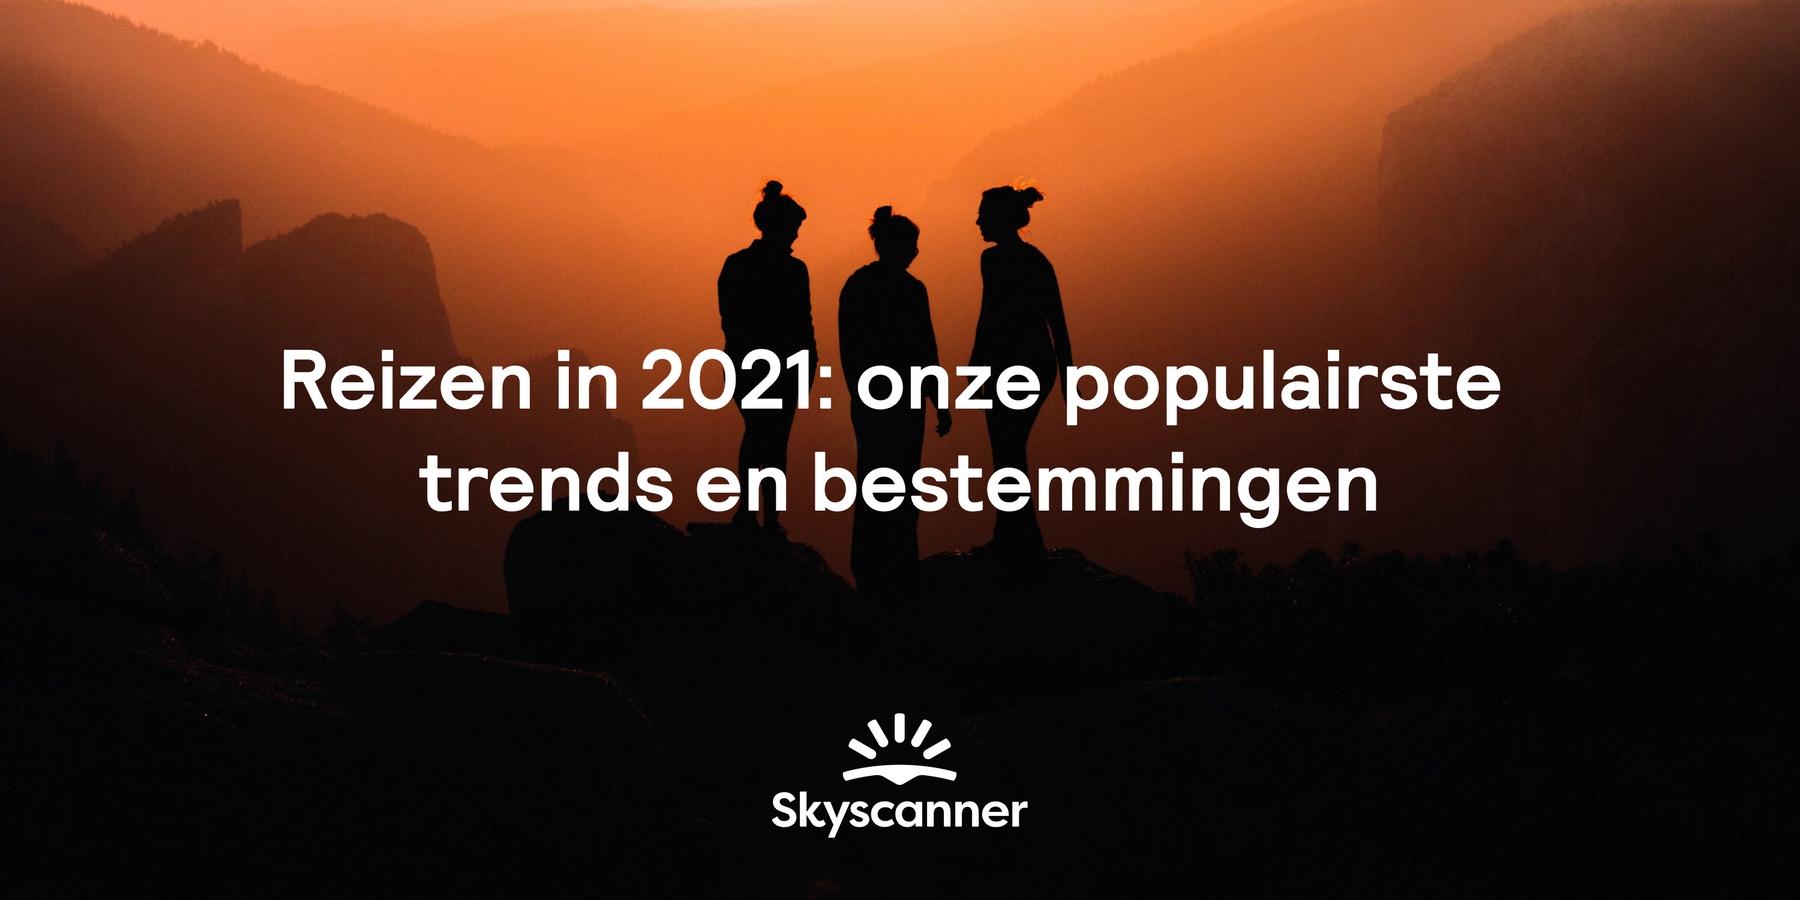 Reizen in 2021: onze populairste trends en bestemmingen